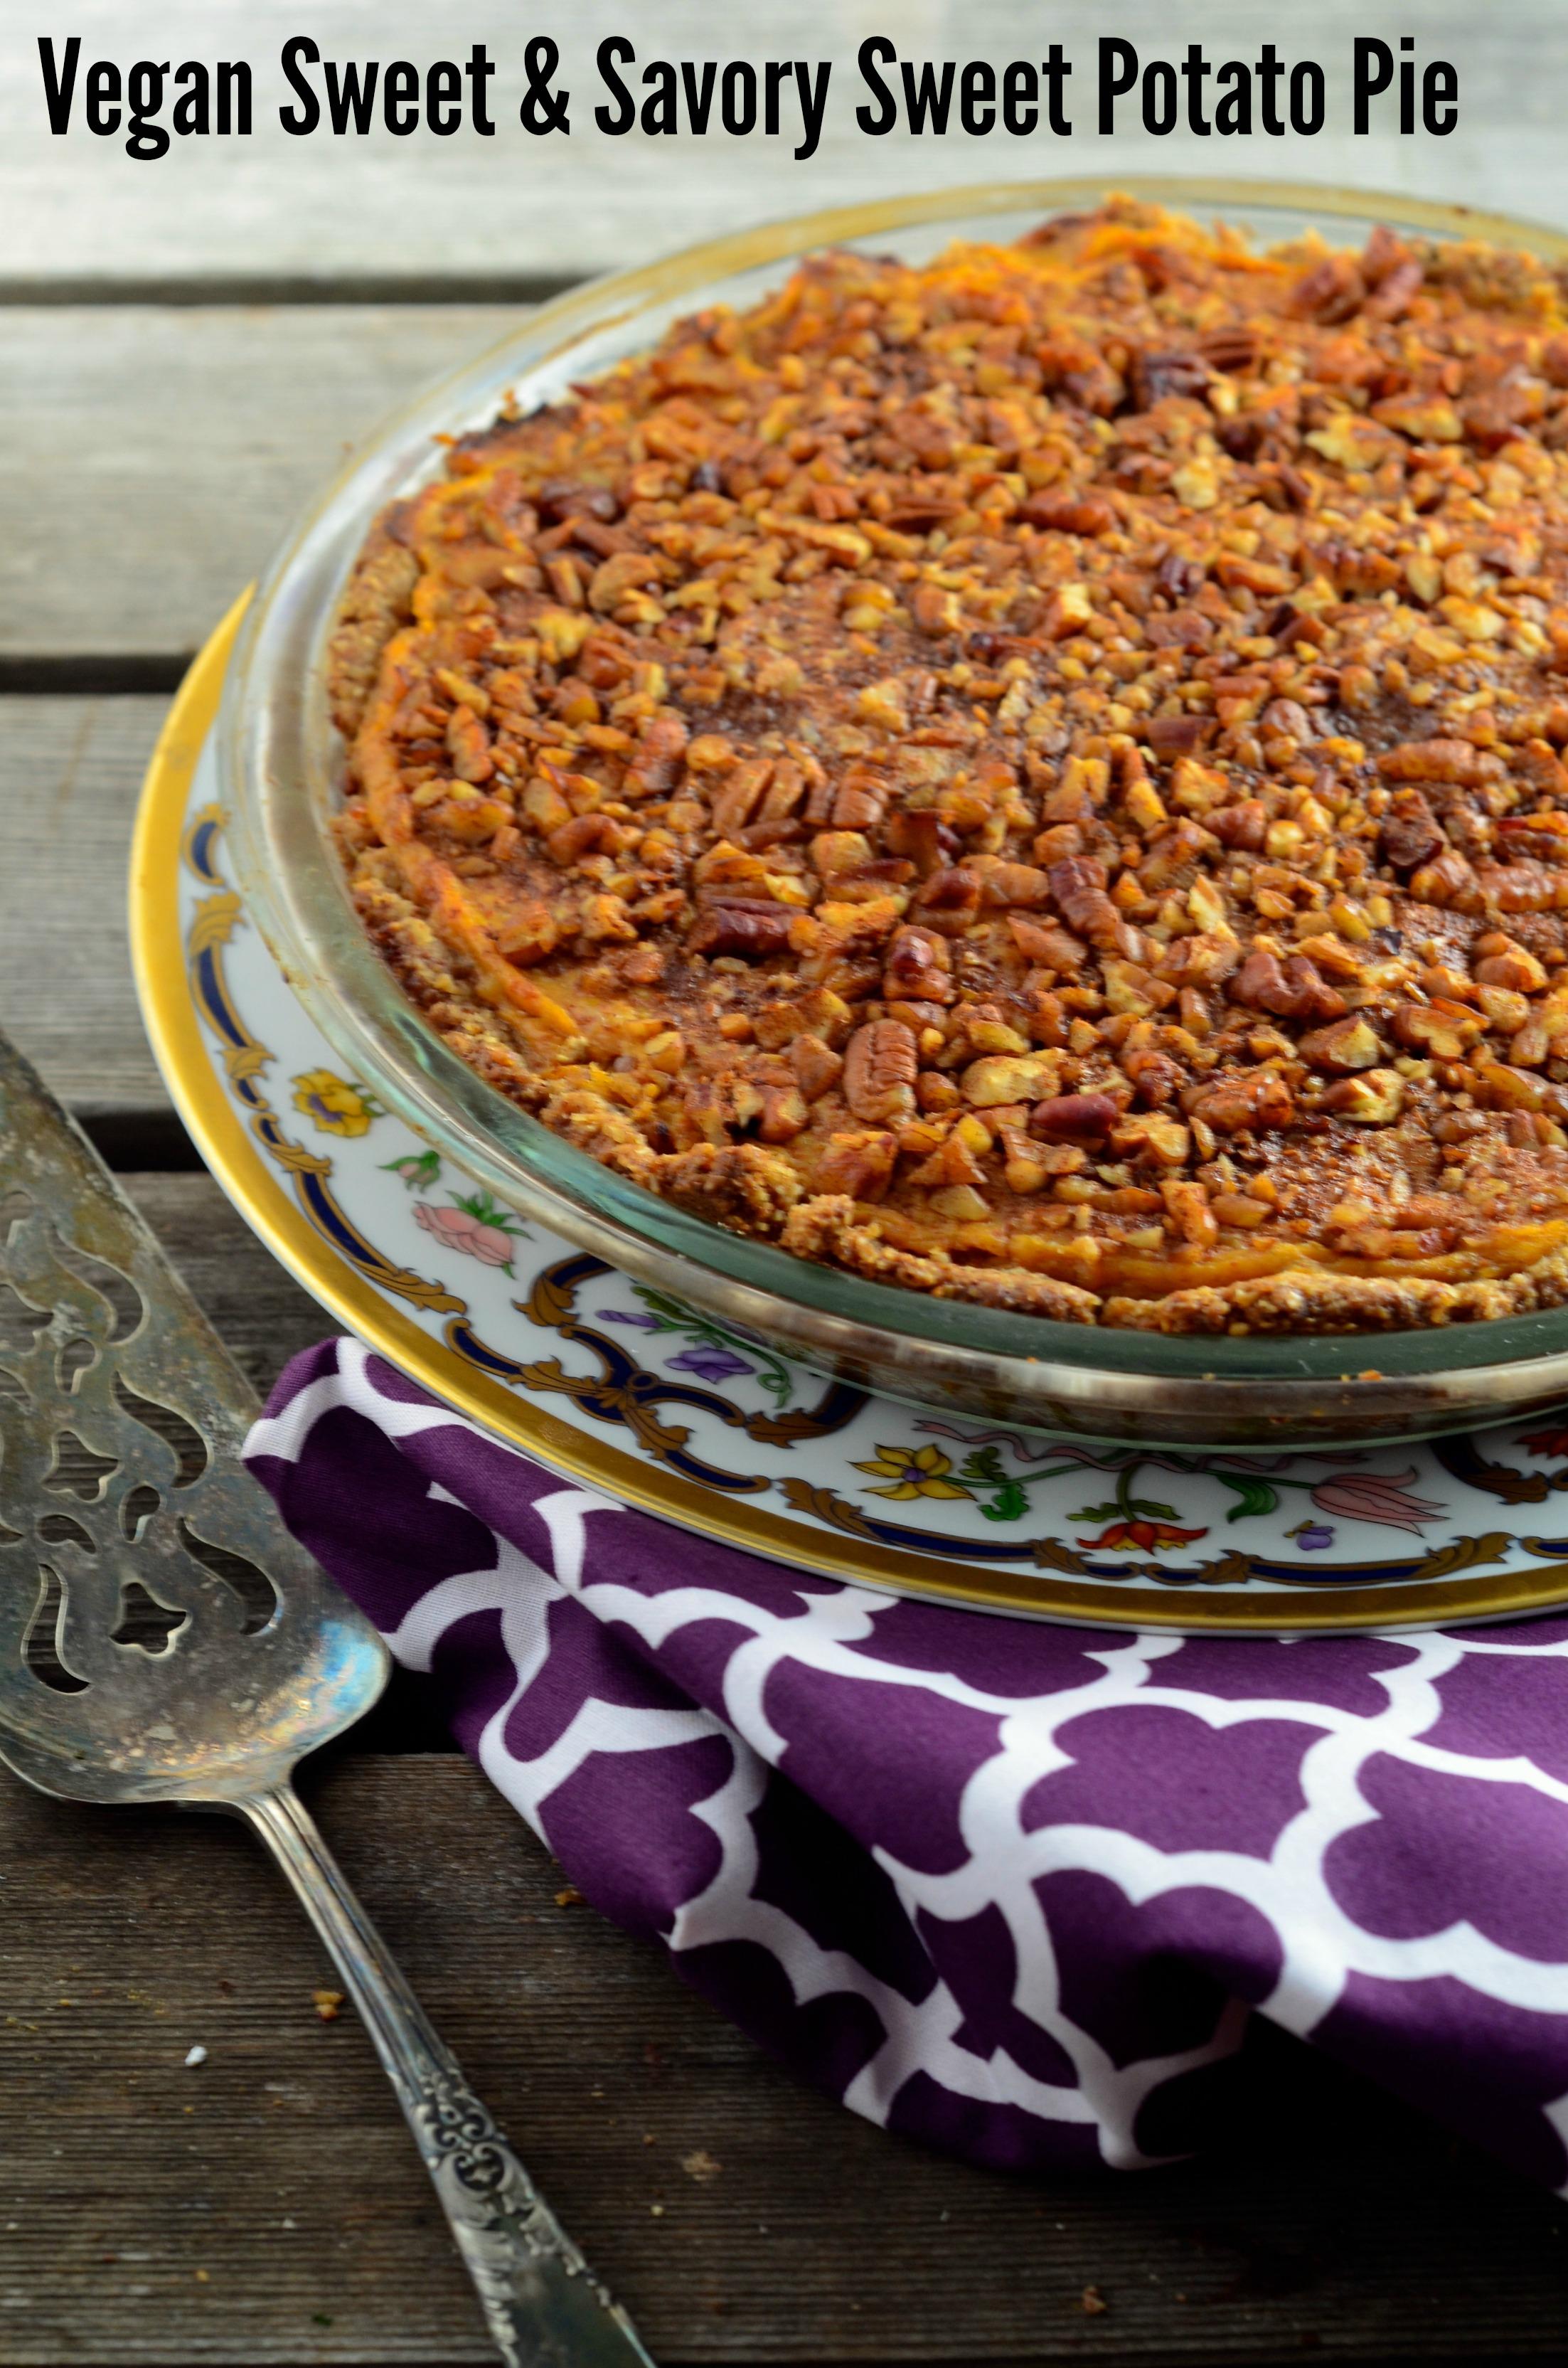 Vegan Sweet & Savory Sweet Potato Pie (Gluten Free) | May I Have That ...